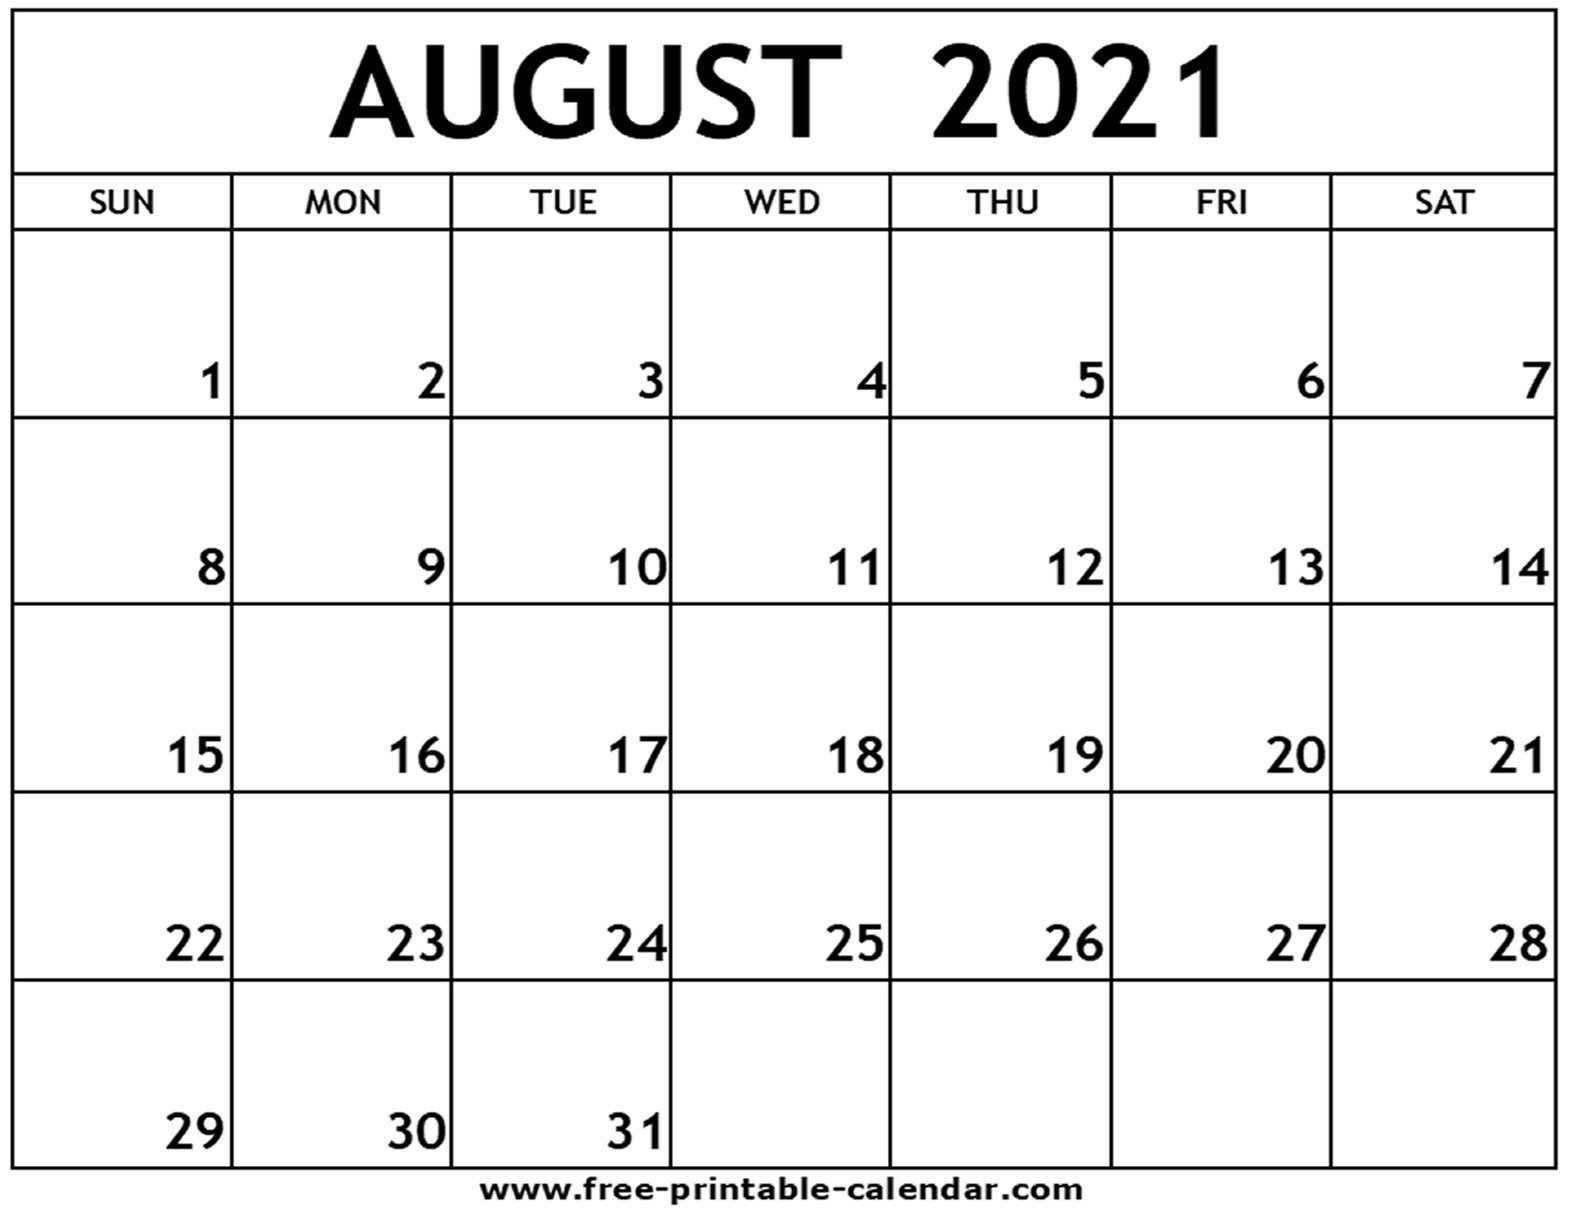 Get Fill In August 2021 Calendar